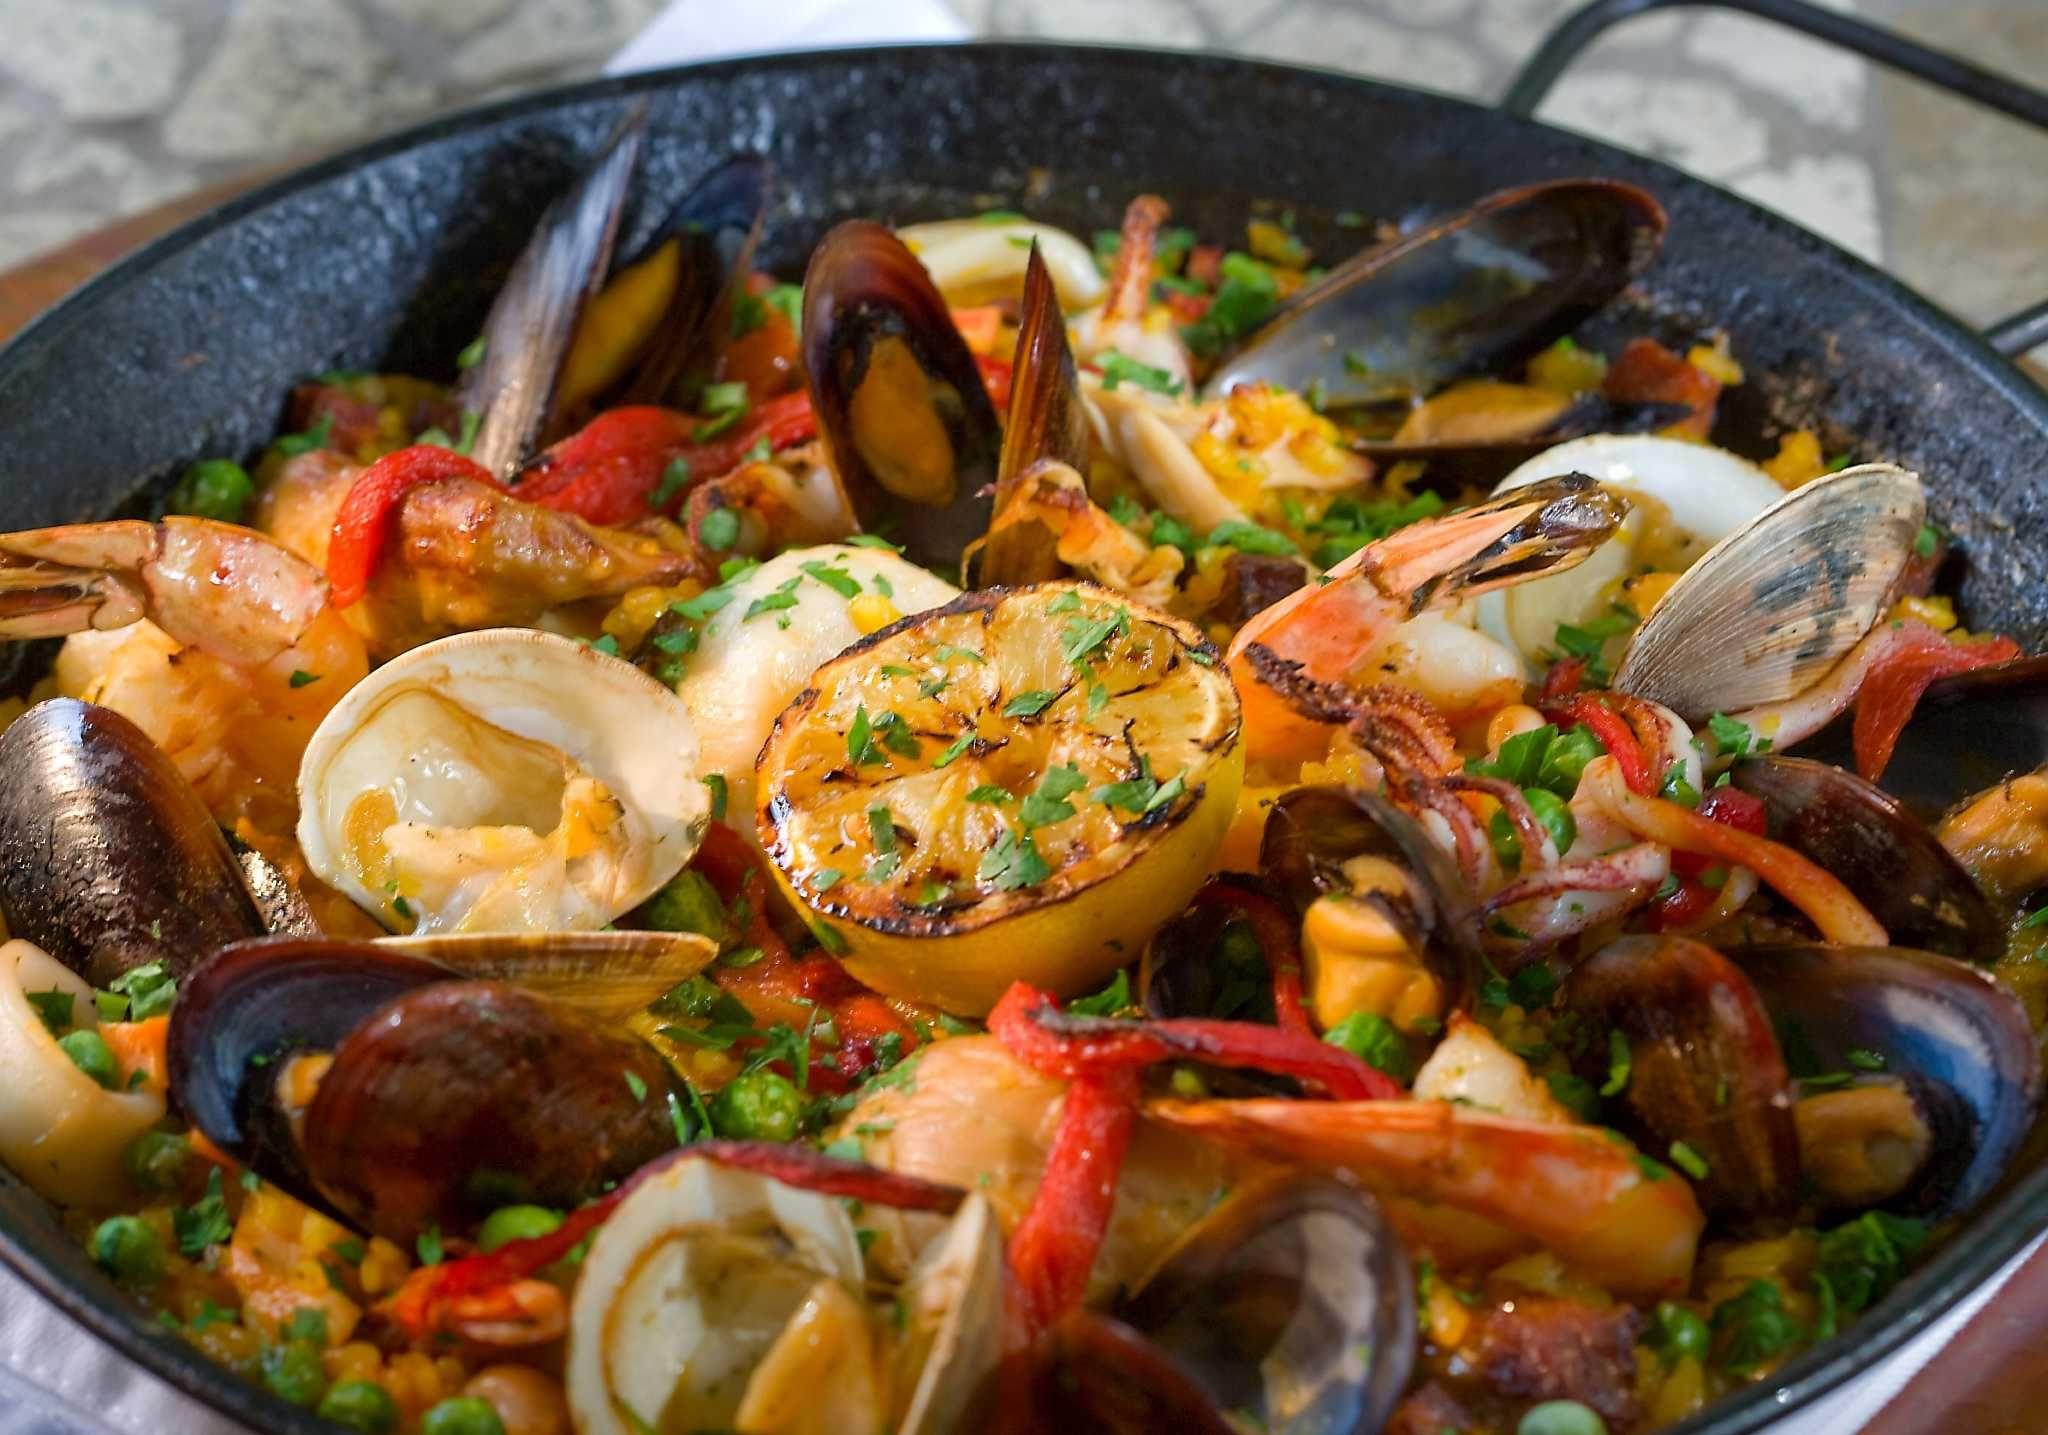 Where to eat in San Antonio this Thanksgiving Paella